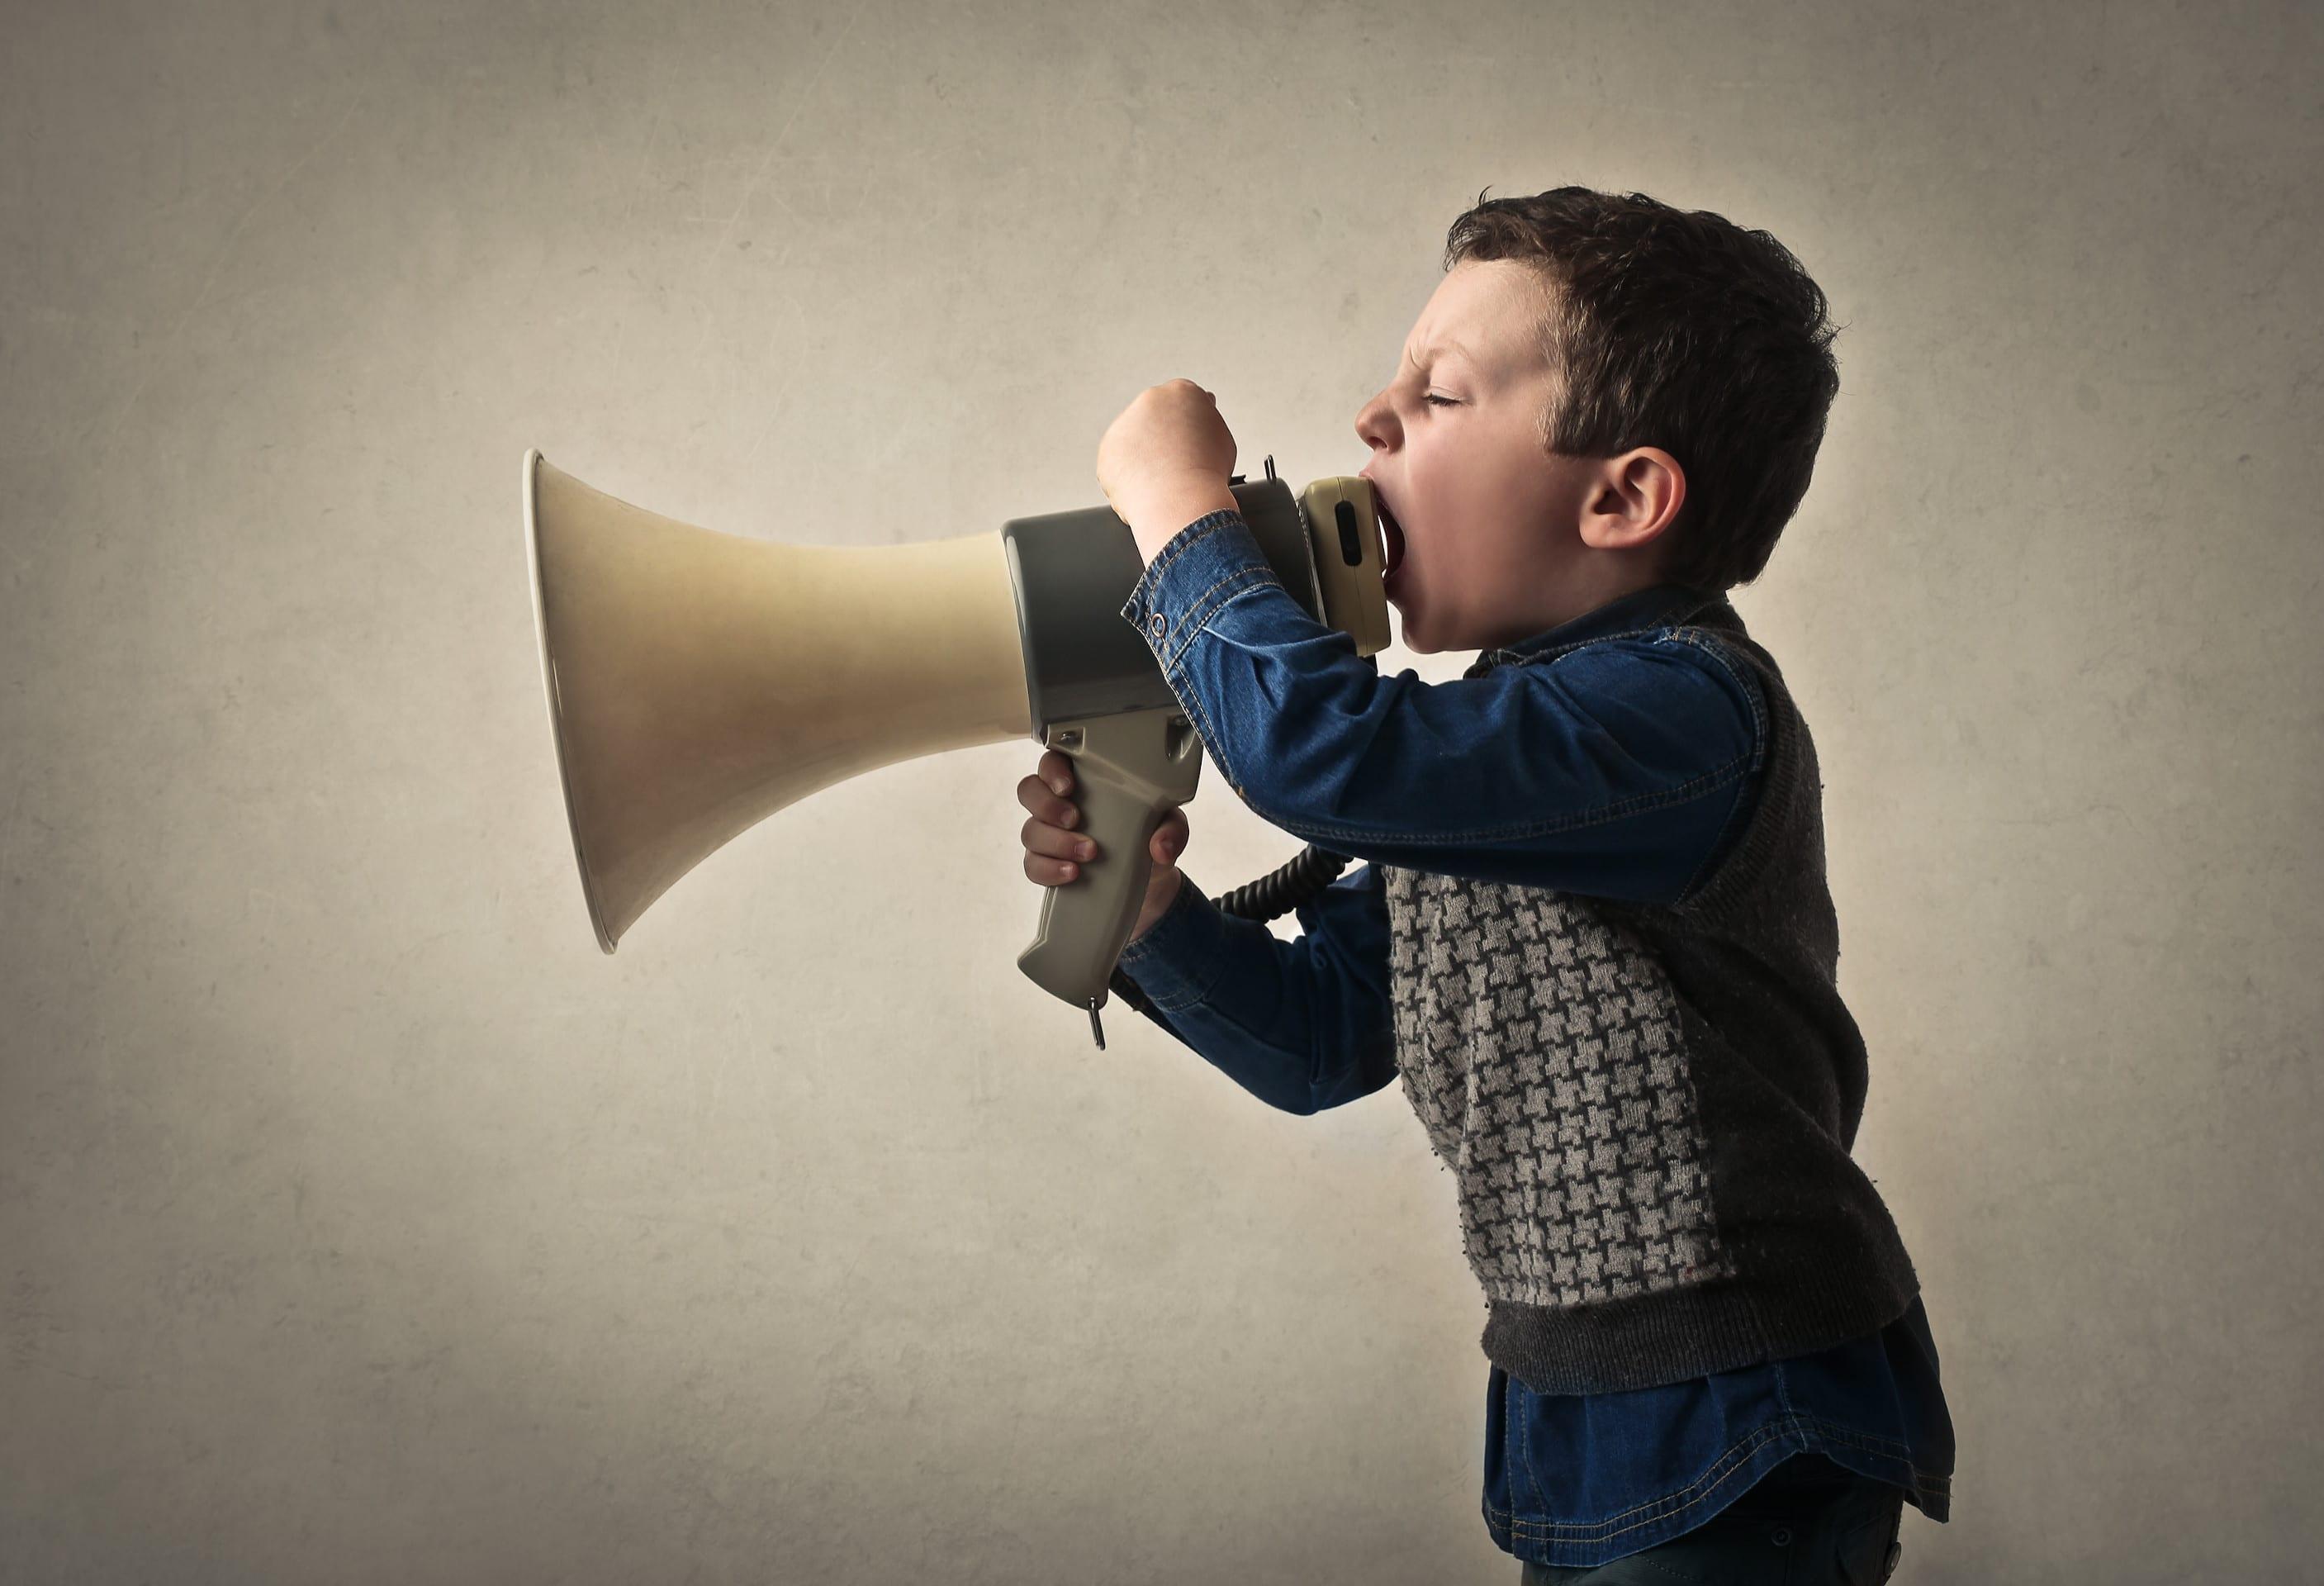 Jeune qui cri via un mégaphone ayant un comportement qui interpelle